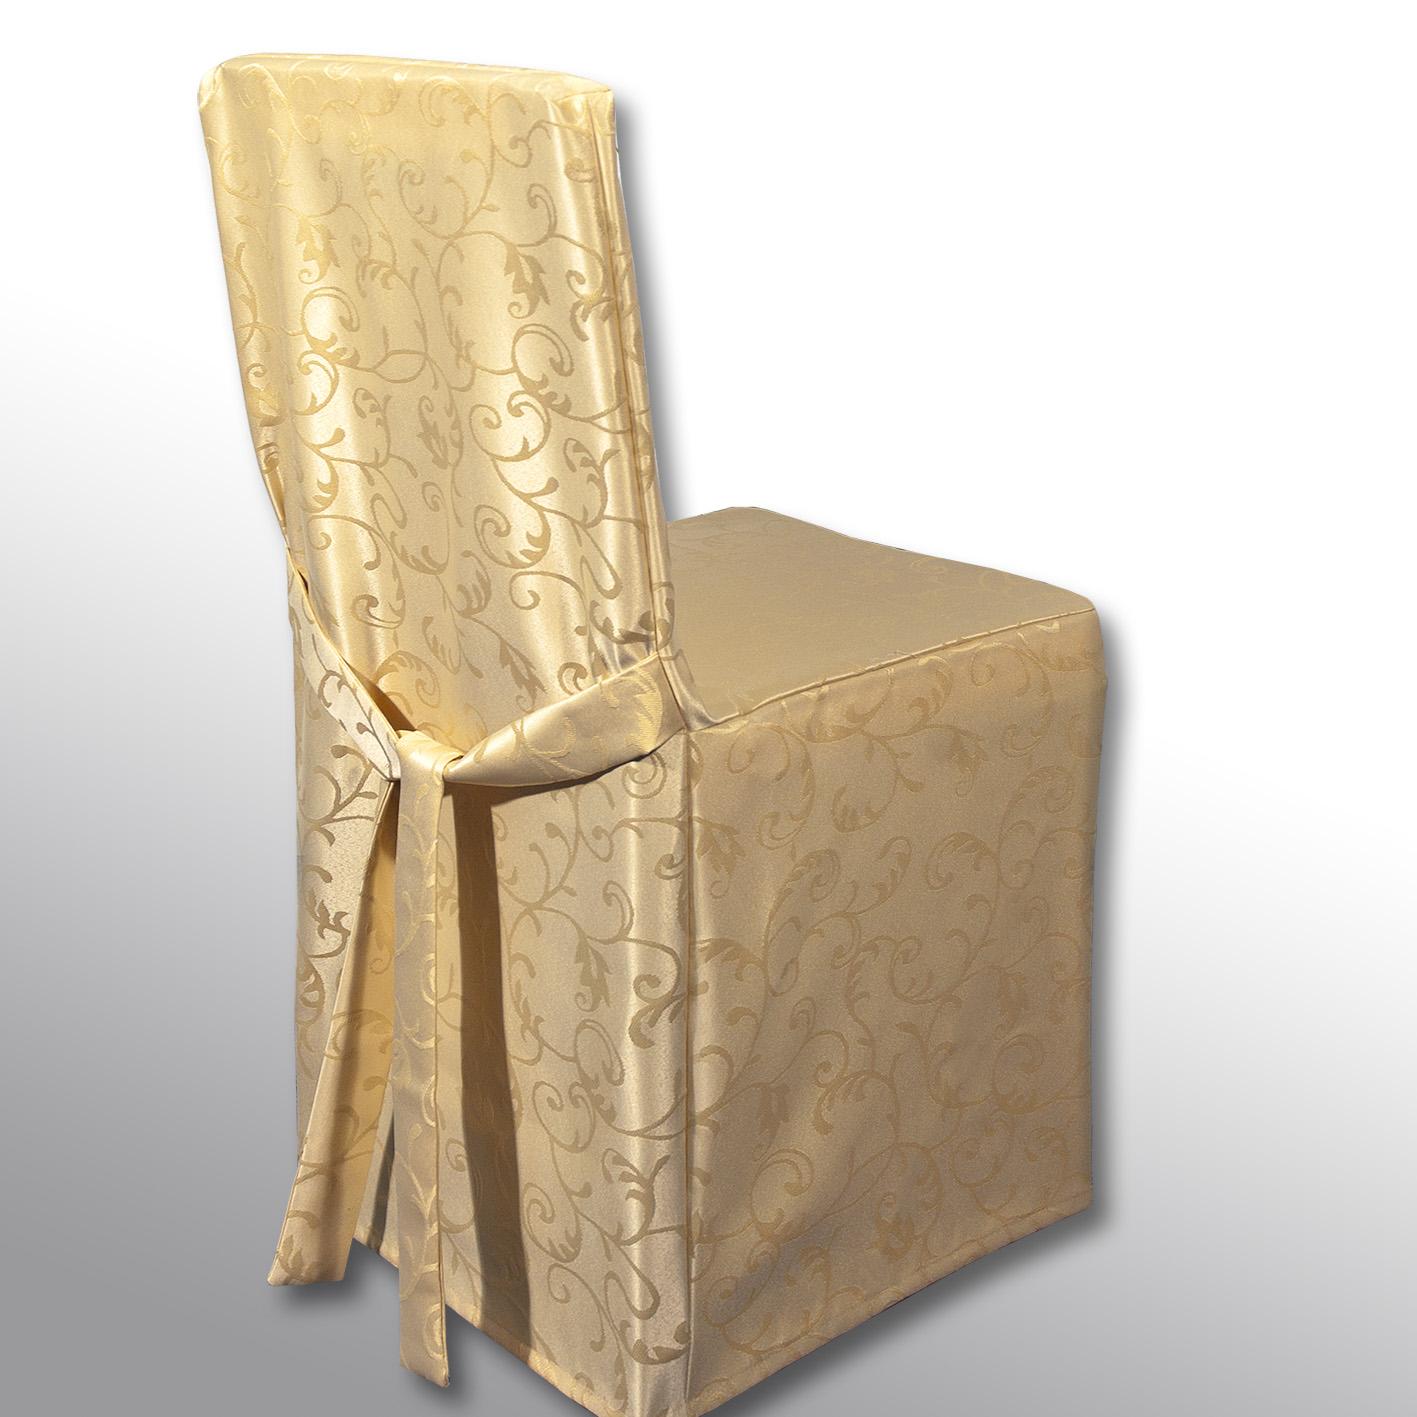 Чехол на стул Schaefer, цвет: бежевый, 45 х 45 х 45 см54 009312Чехол на стул Schaefer выполнен из полиэстера с красивым узором. На спинке чехол завязывается на завязки. Предназначен для классического стула со спинкой. Такой чехол изысканно дополнит интерьер вашего дома.